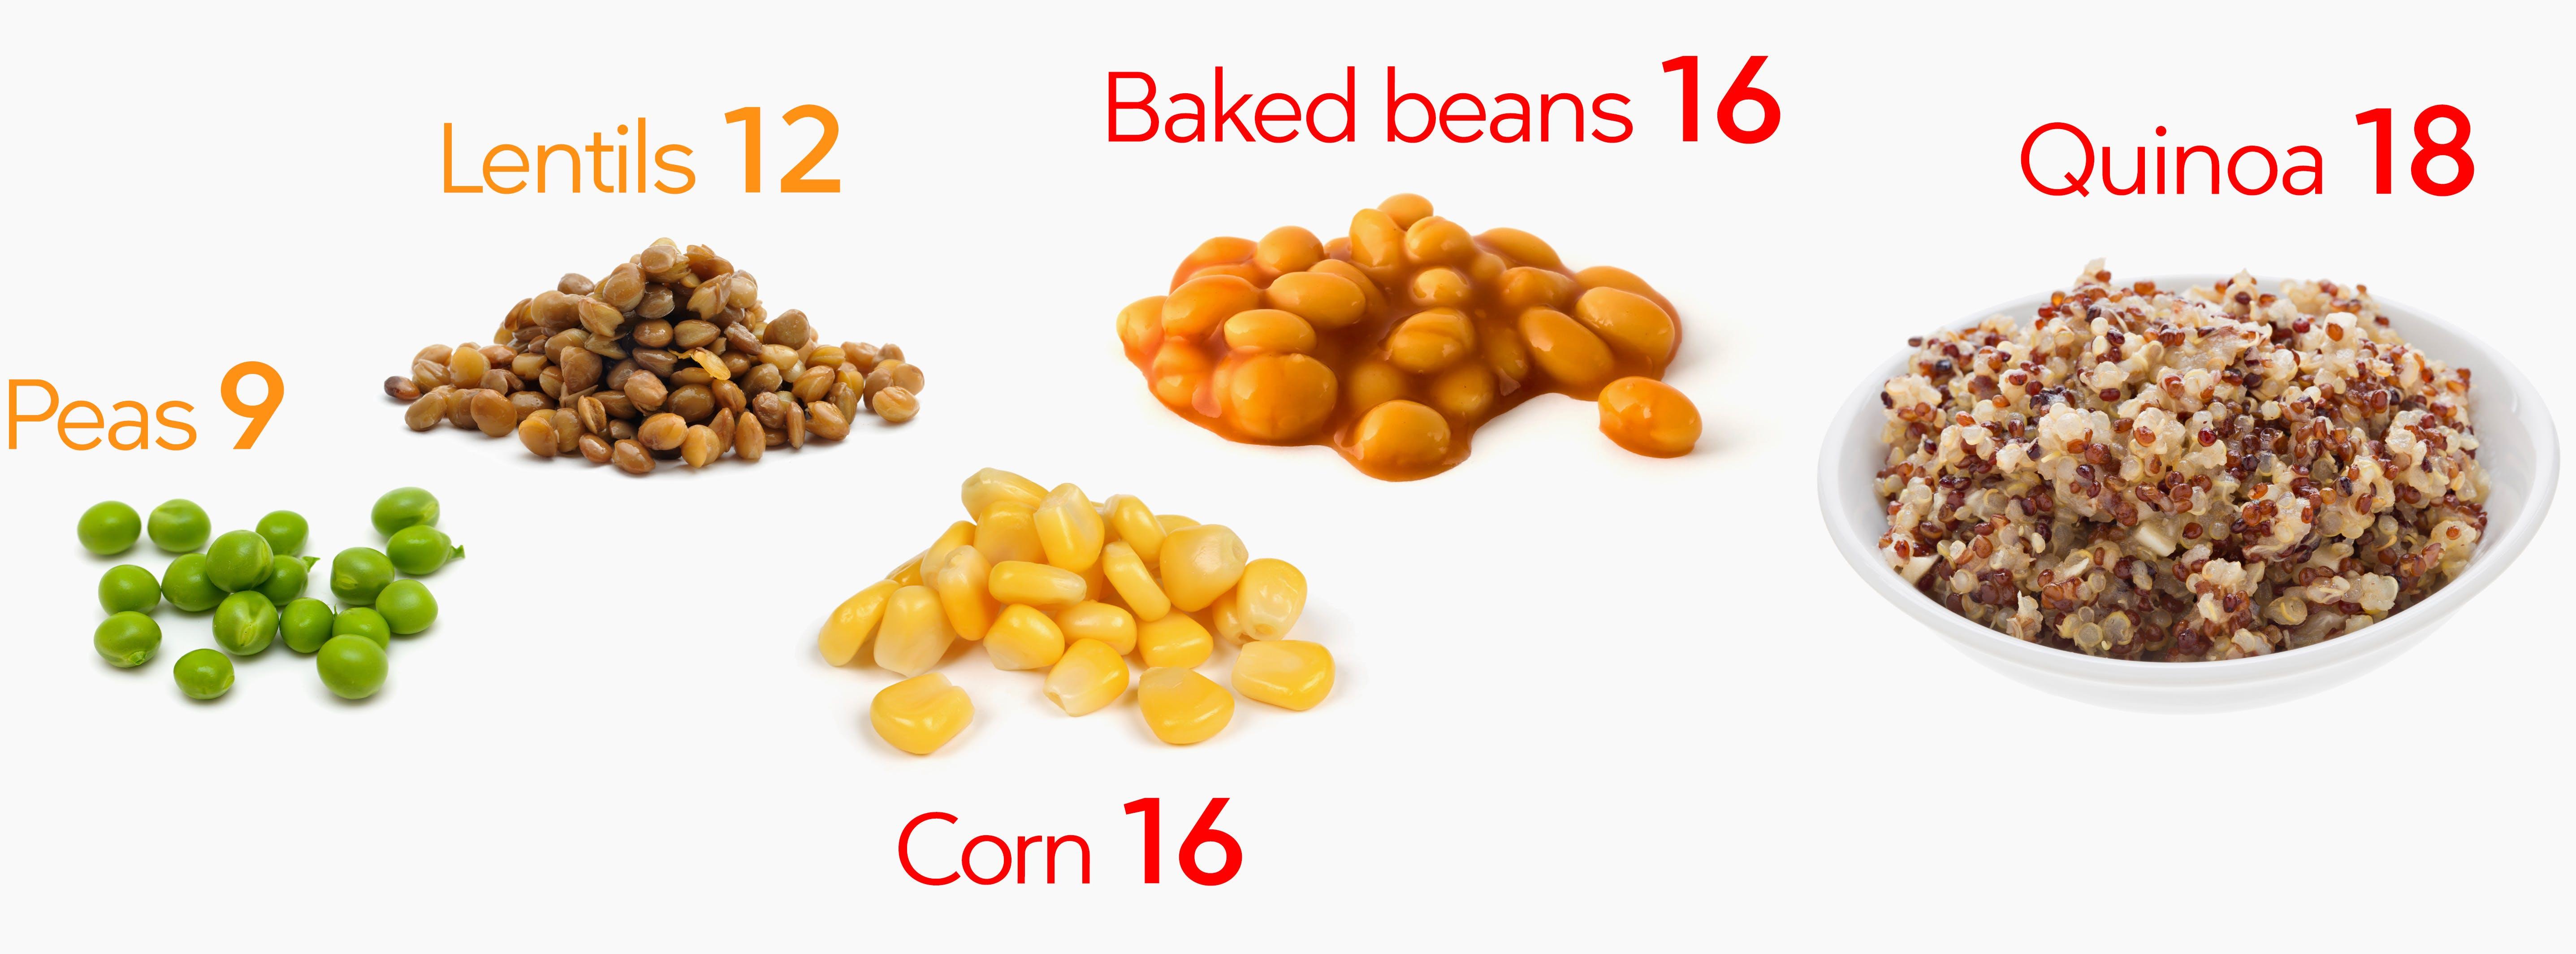 Peas, beans, corn, lentils, quinoa